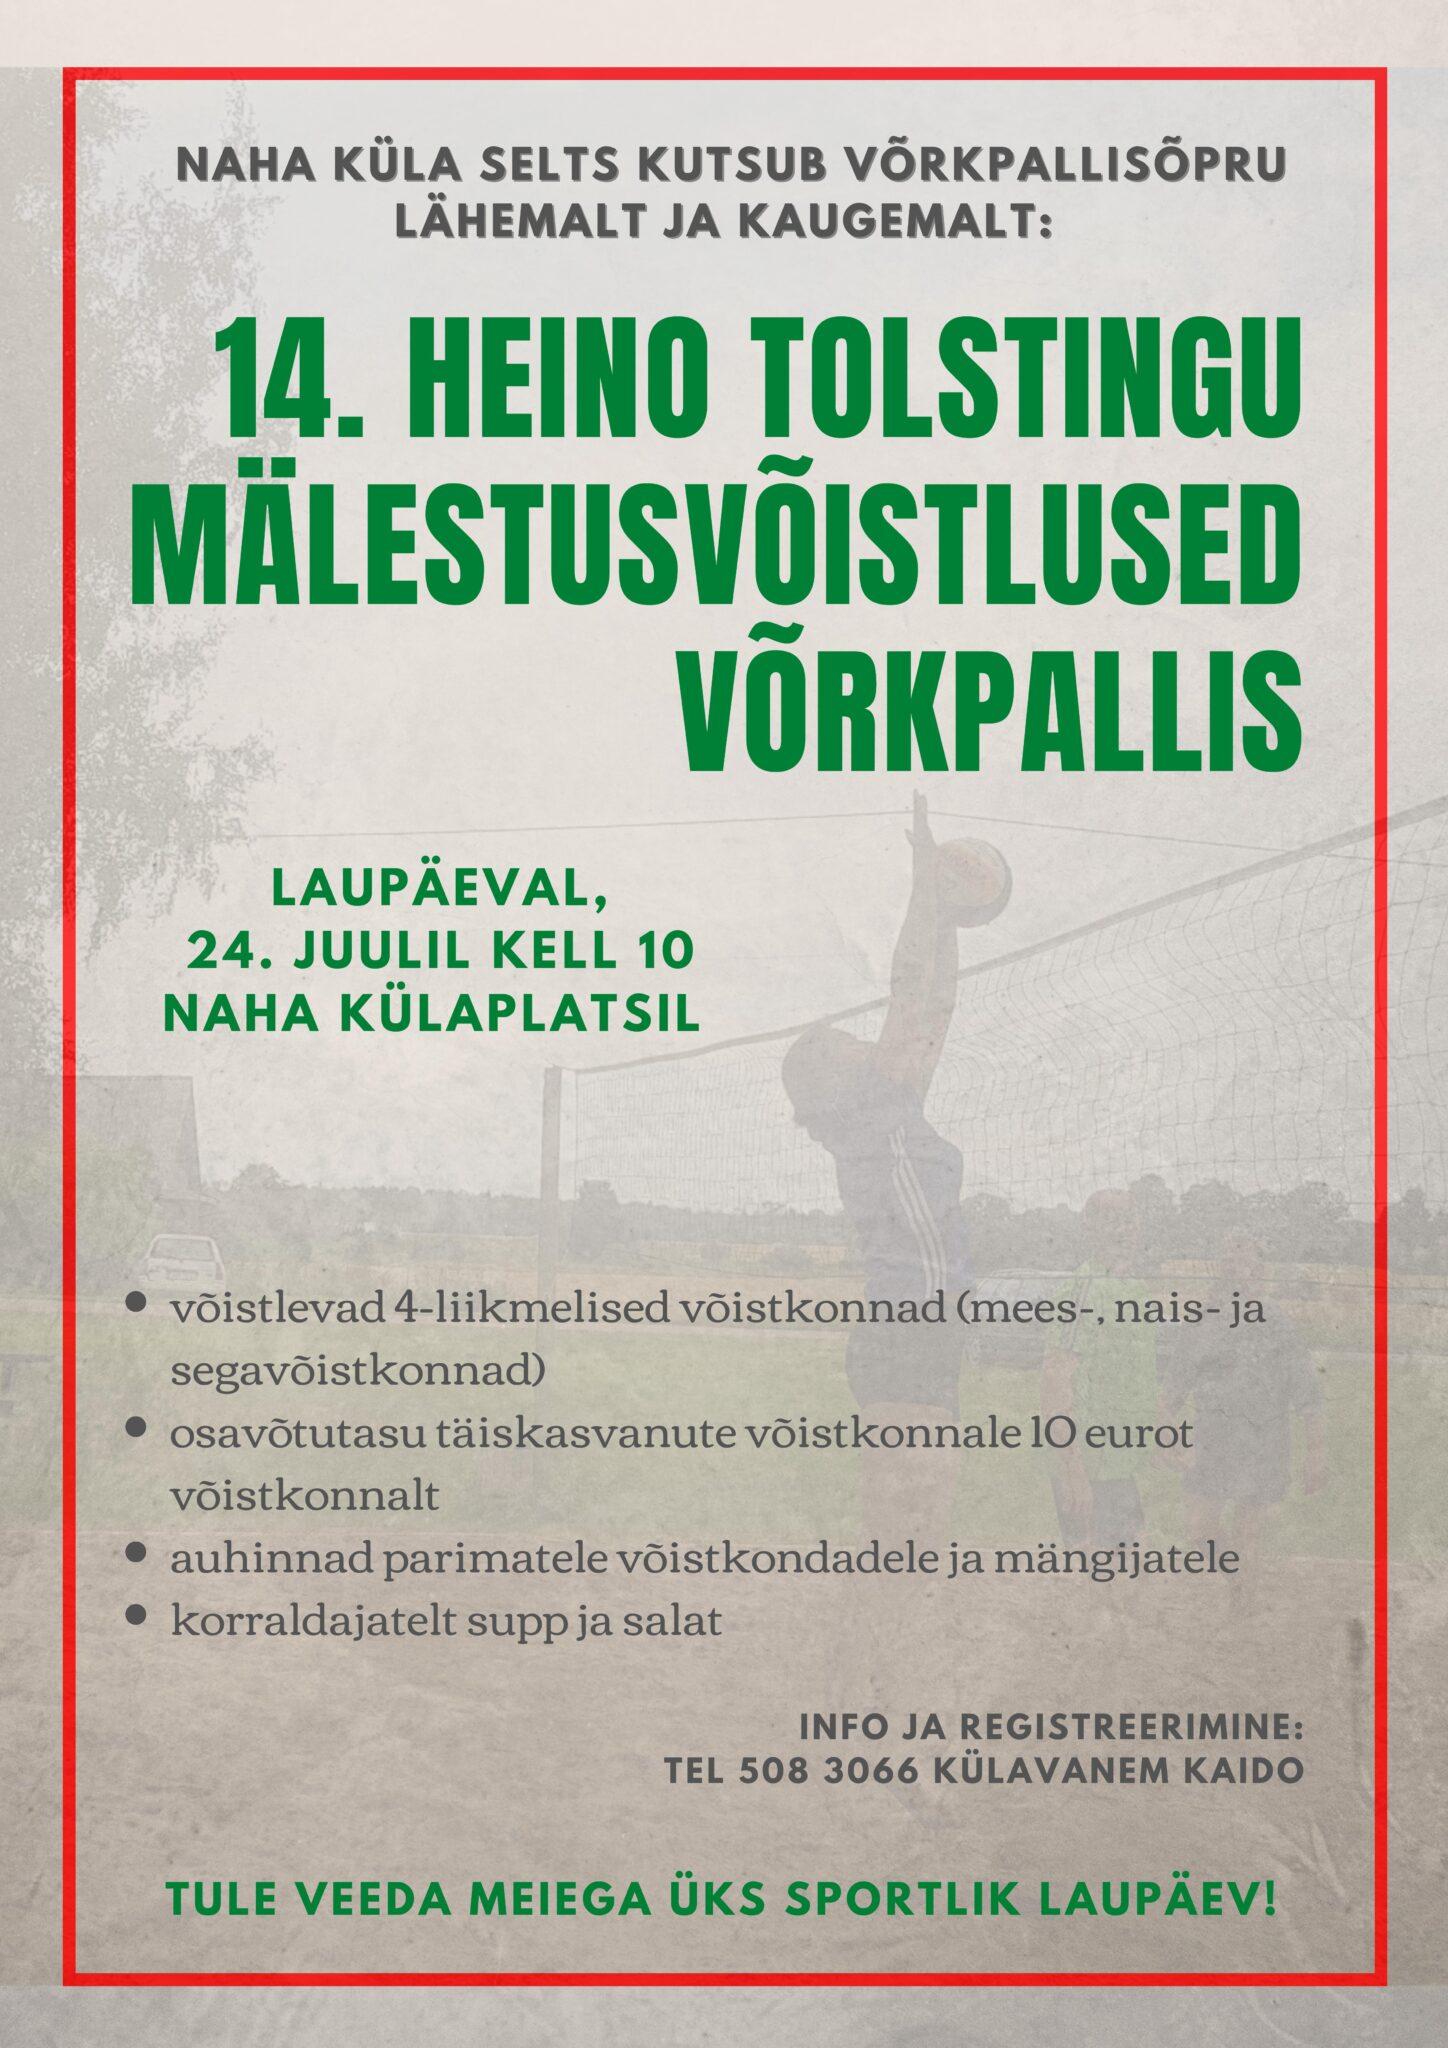 Heino Tolstingu mälestusvõistlus võrkpallis @ Naha külaplatsil | Naha | Põlva maakond | Eesti